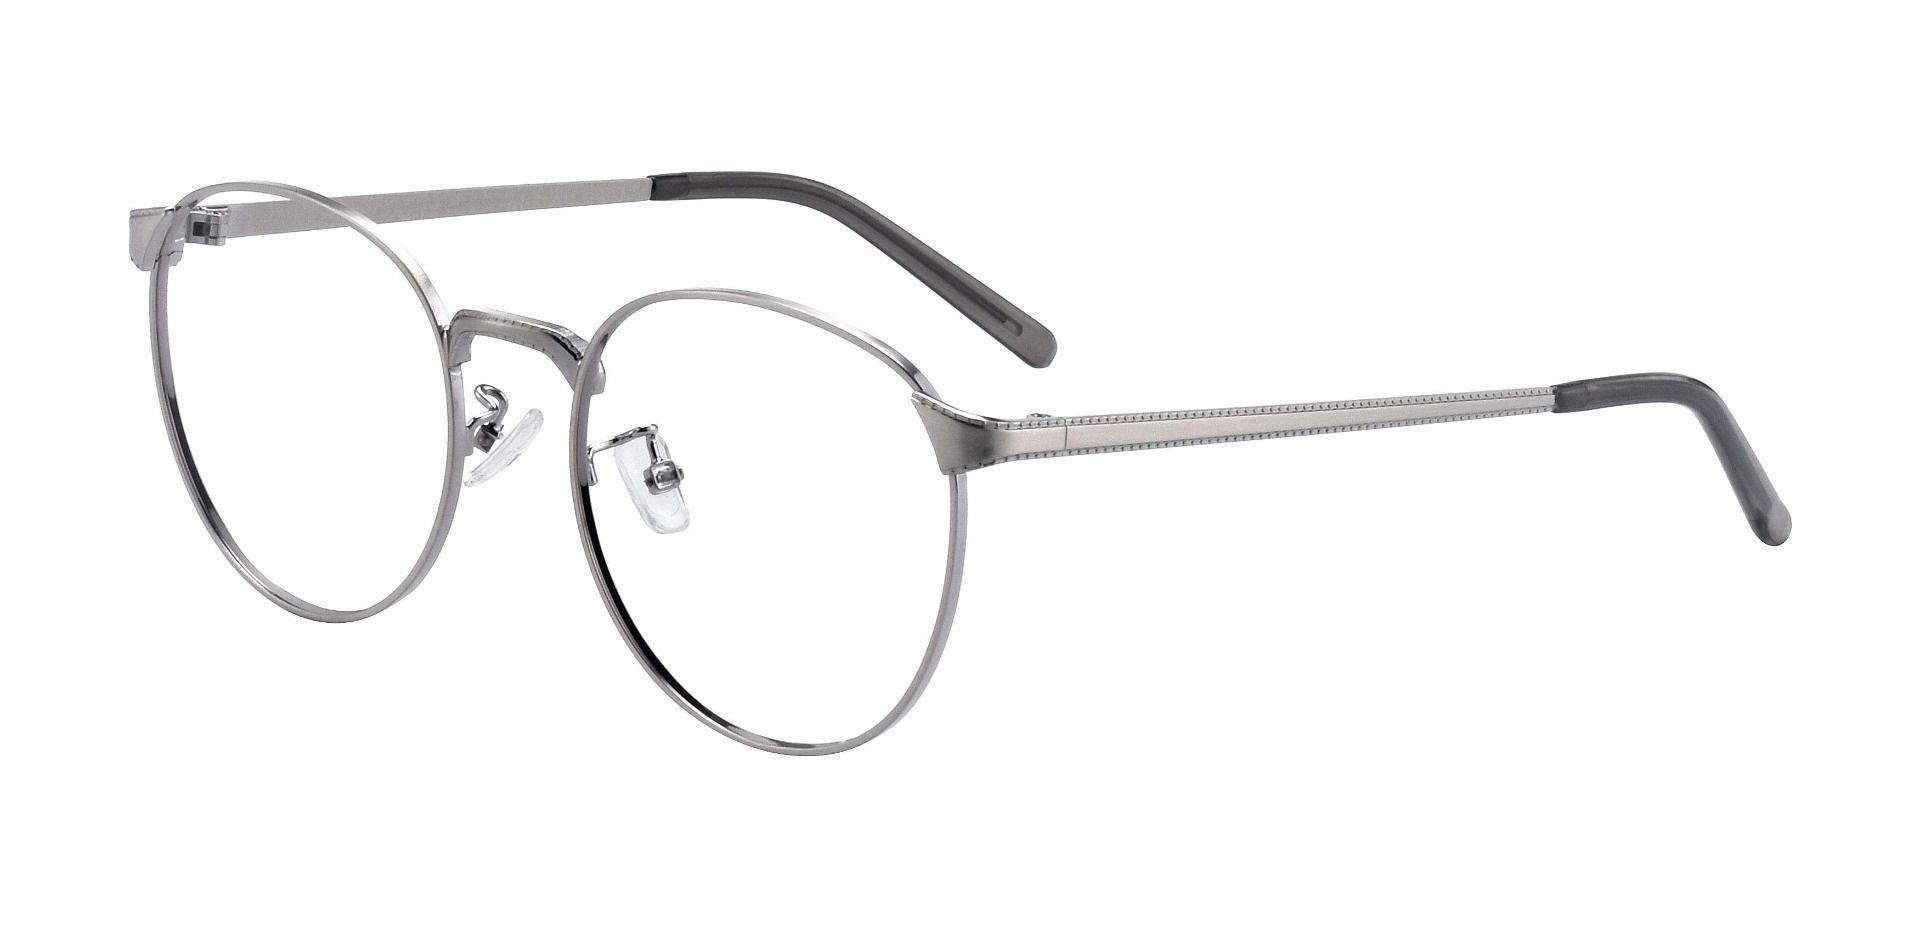 Xander Round Prescription Glasses - Matte Silver